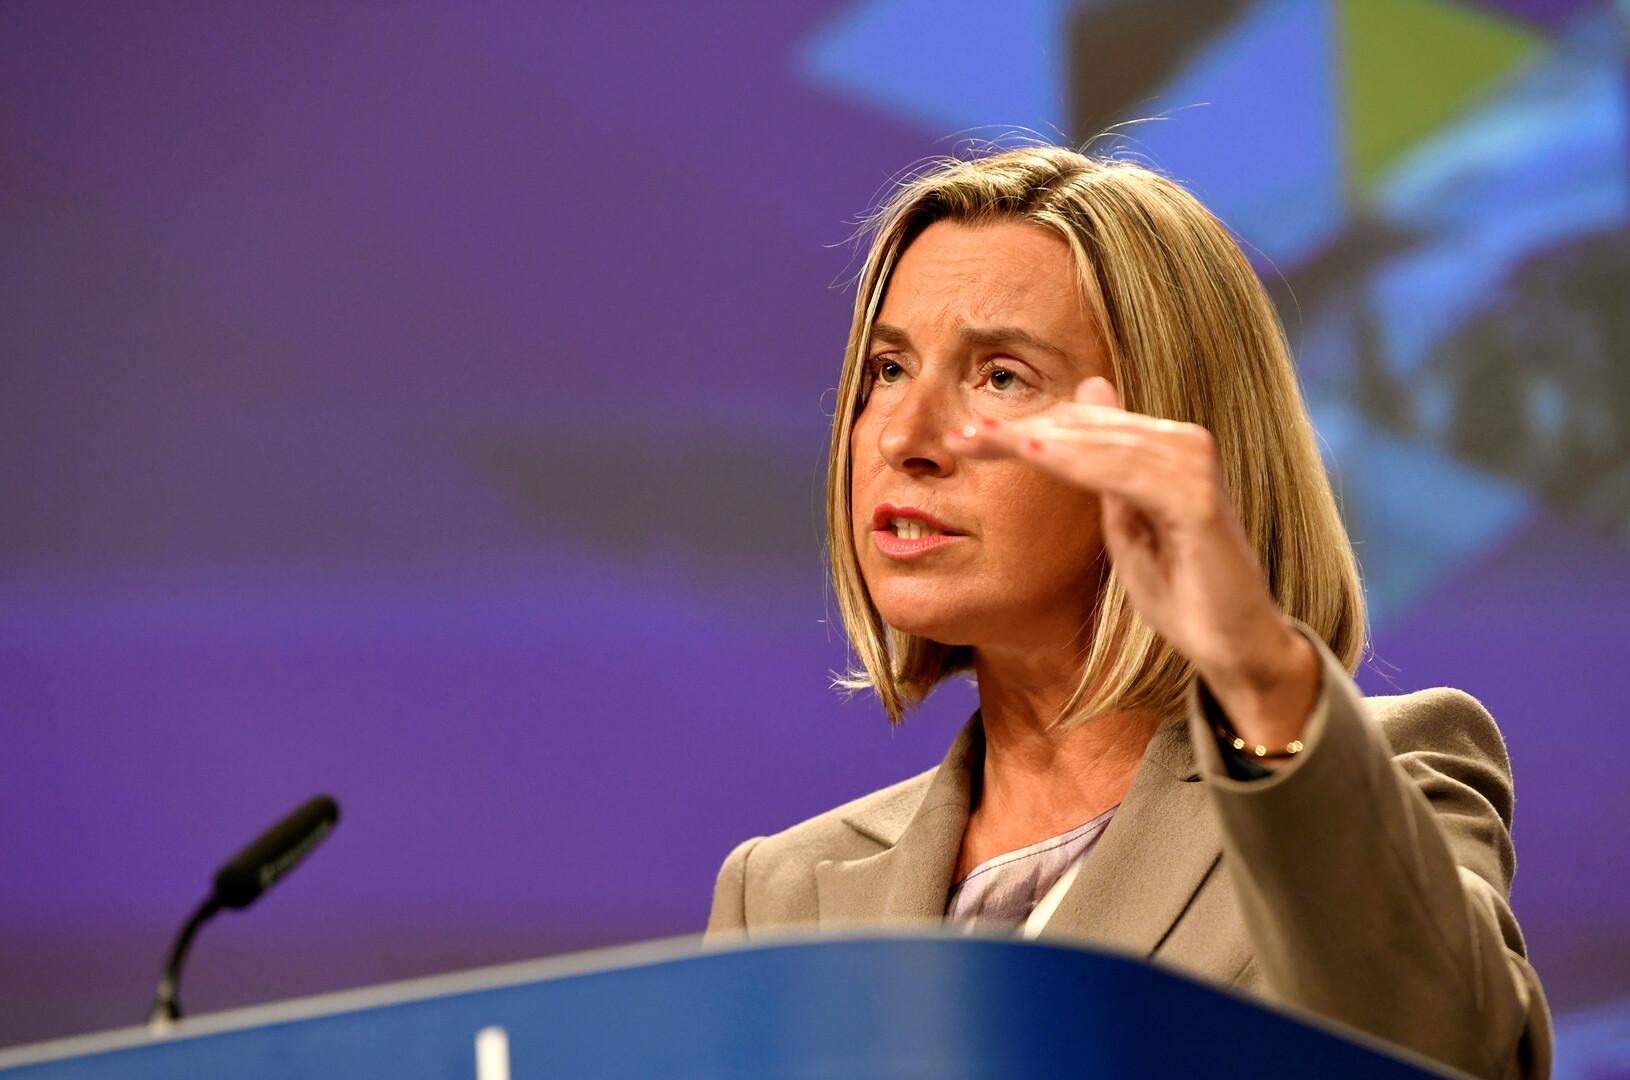 الاتحاد الأوروبي يدعو روسيا وأوكرانيا إلى